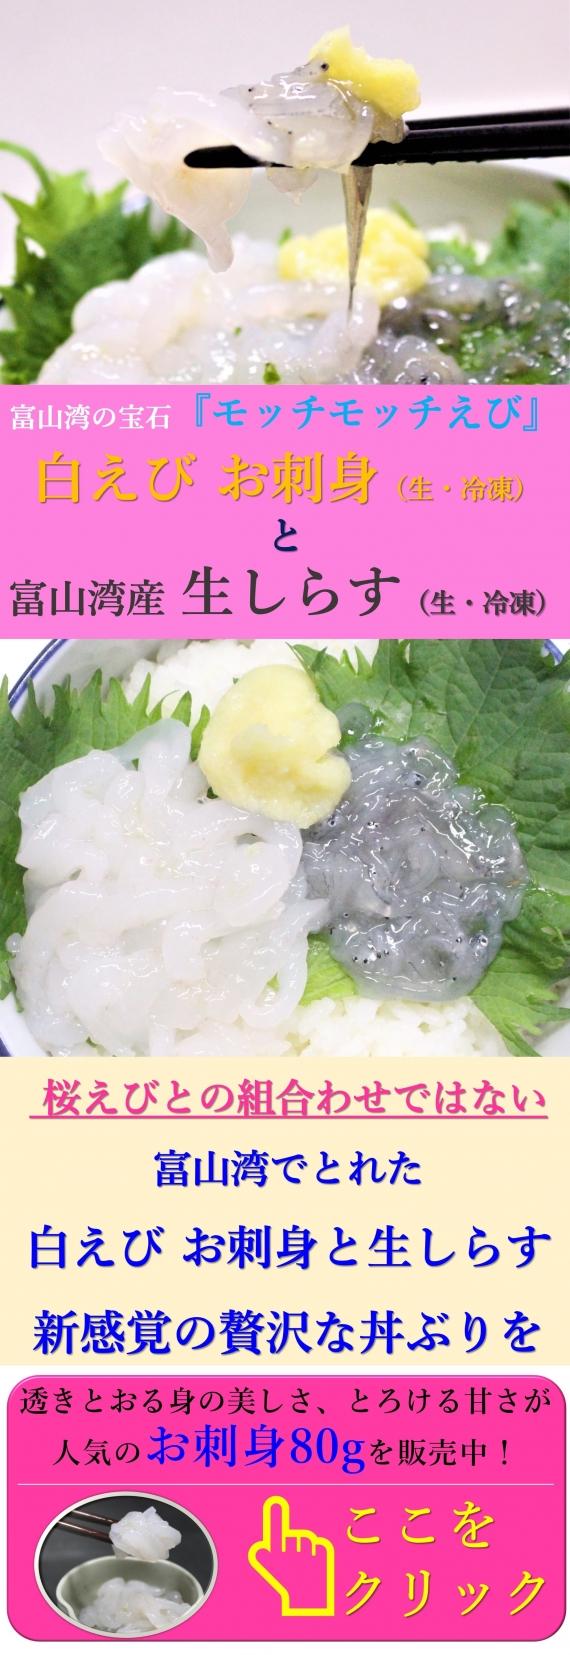 白えび・生しらす お刺身丼ぶりセット〔化粧箱入り〕【冷凍品】